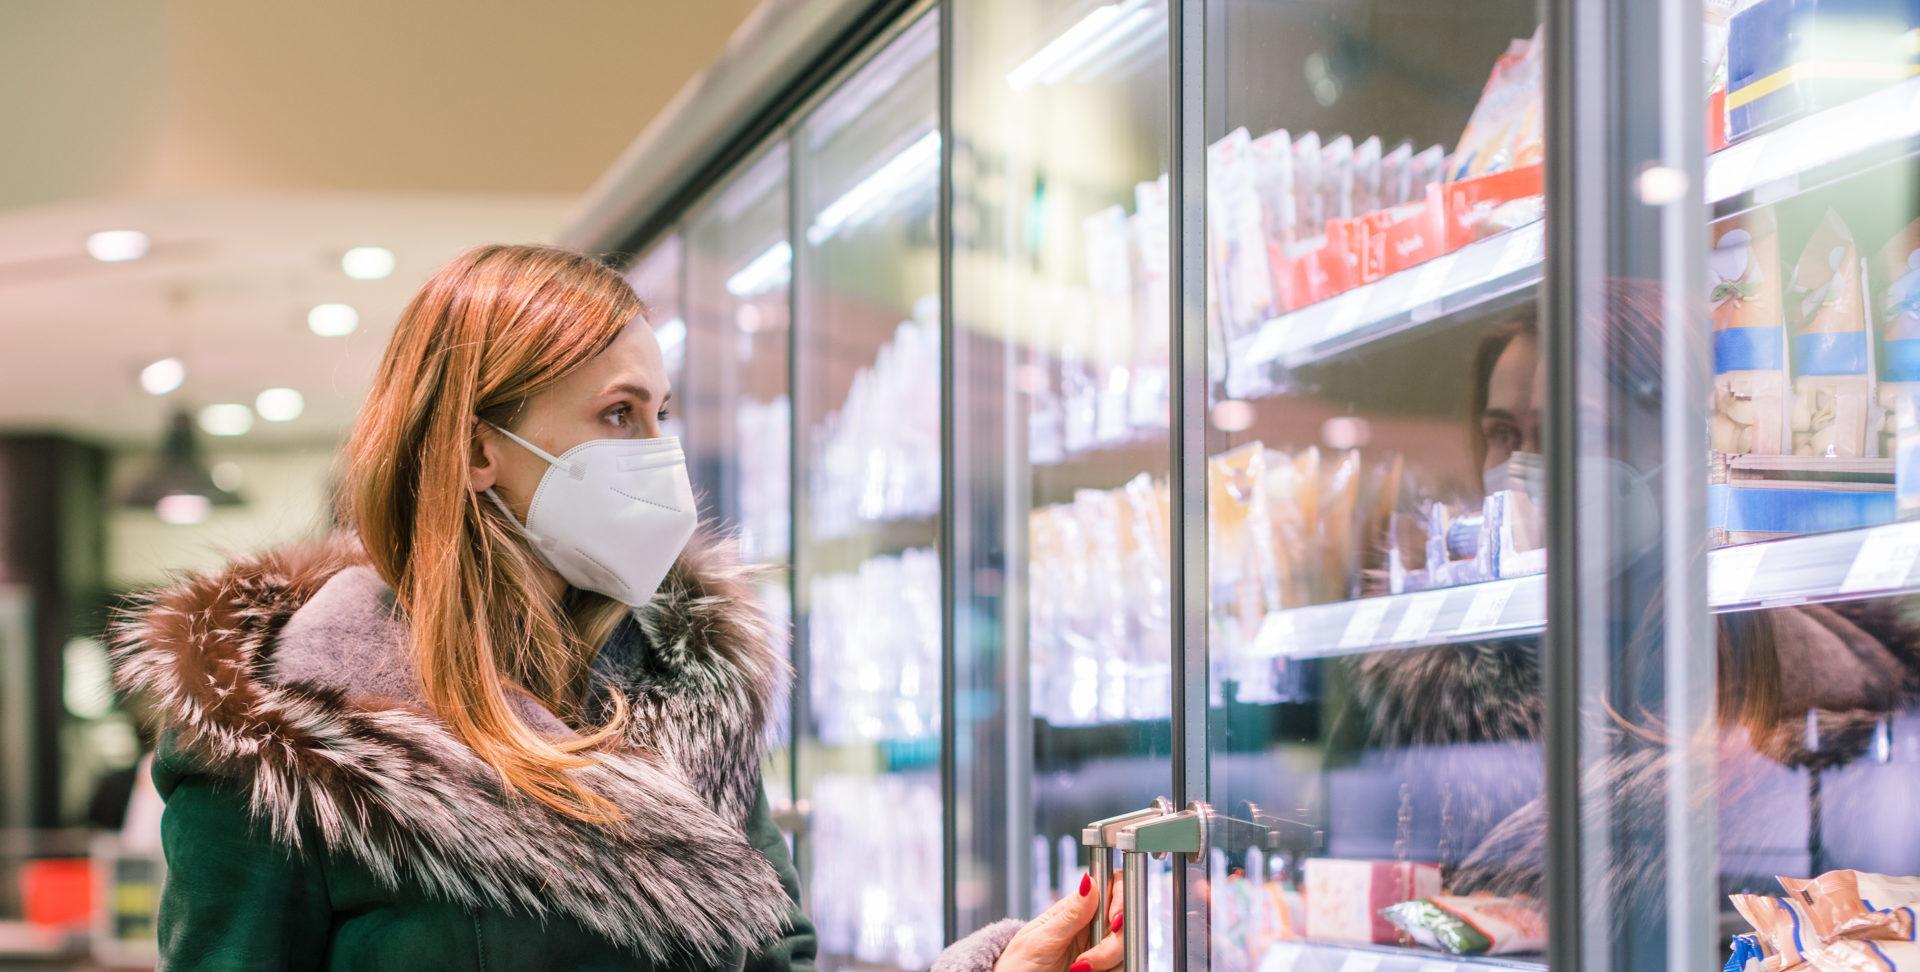 Frau mit FFP2-Maske im Supermarkt